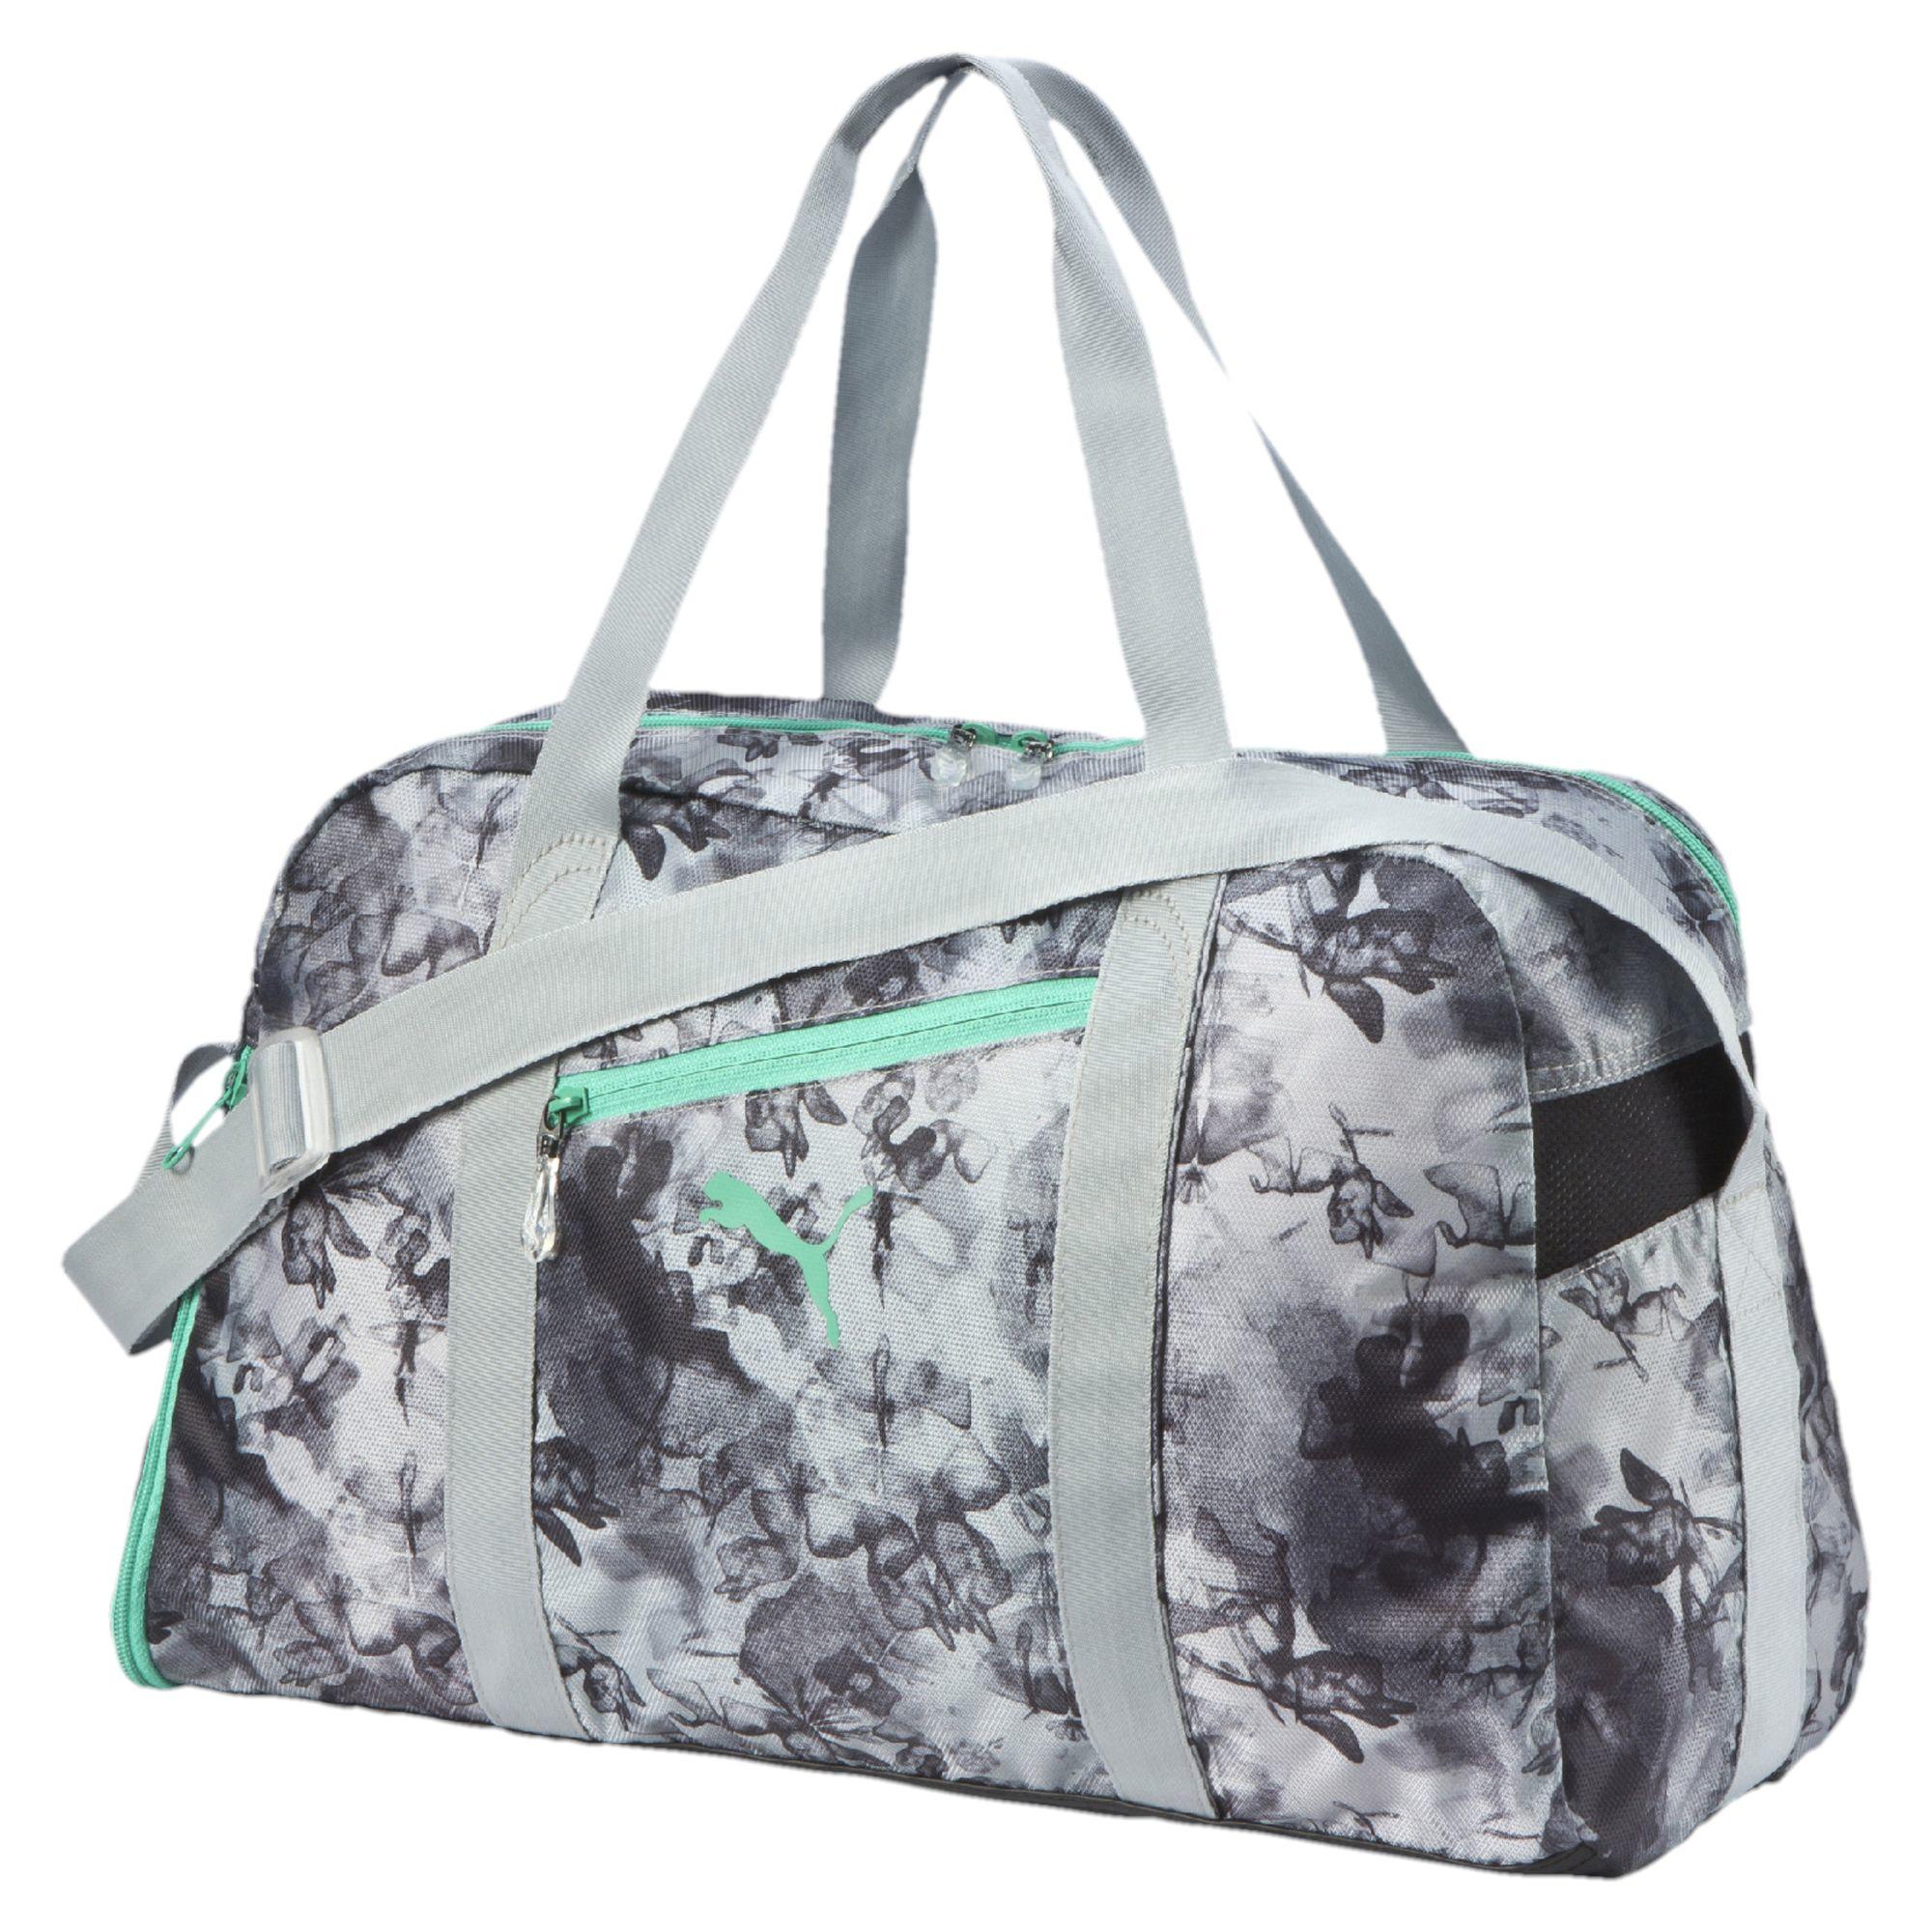 fc8bce149179 Lyst puma fit at sports duffel bag in gray jpg 2000x2000 Workout bags puma  small